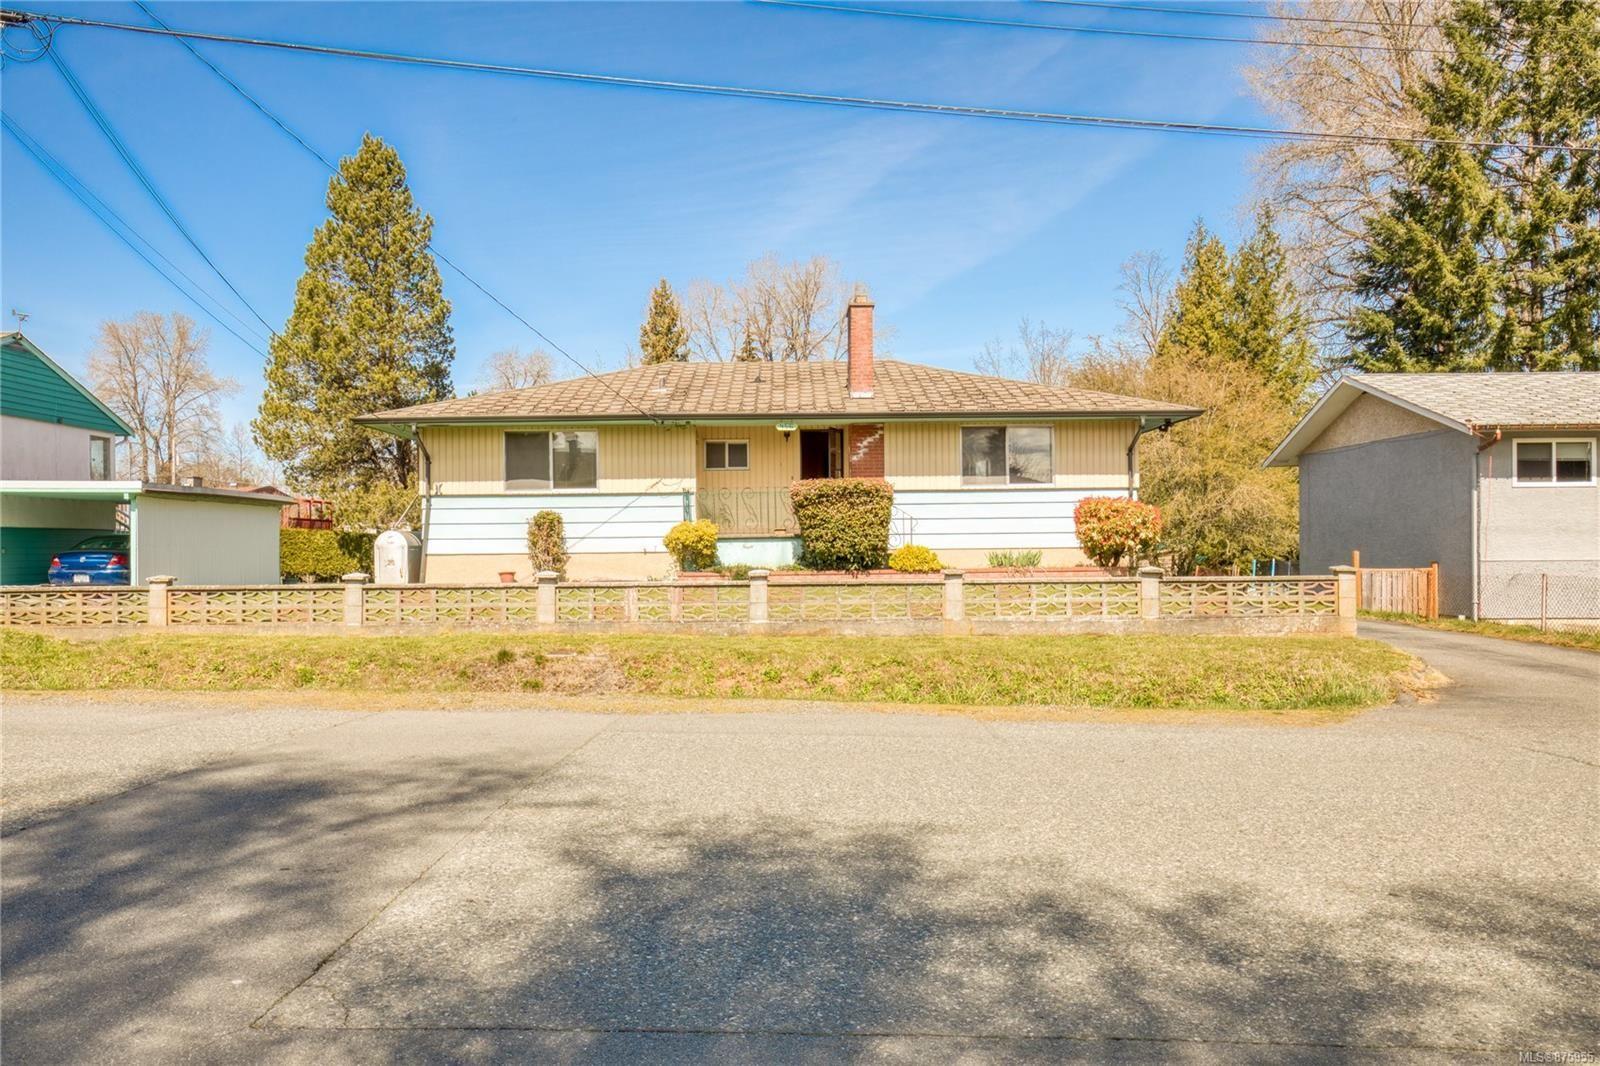 Main Photo: 456 Carlisle St in : Na South Nanaimo House for sale (Nanaimo)  : MLS®# 875955